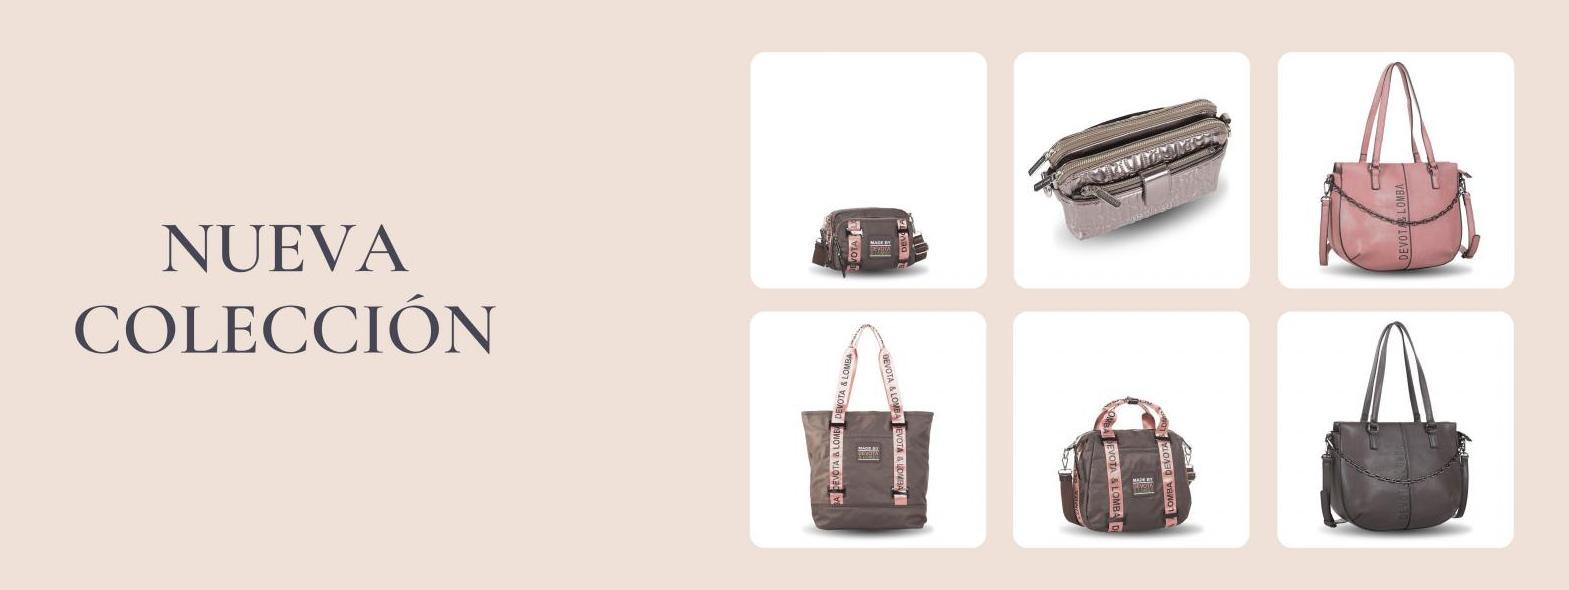 Nueva Colección Bolsos y mochilas Devota & Lomba